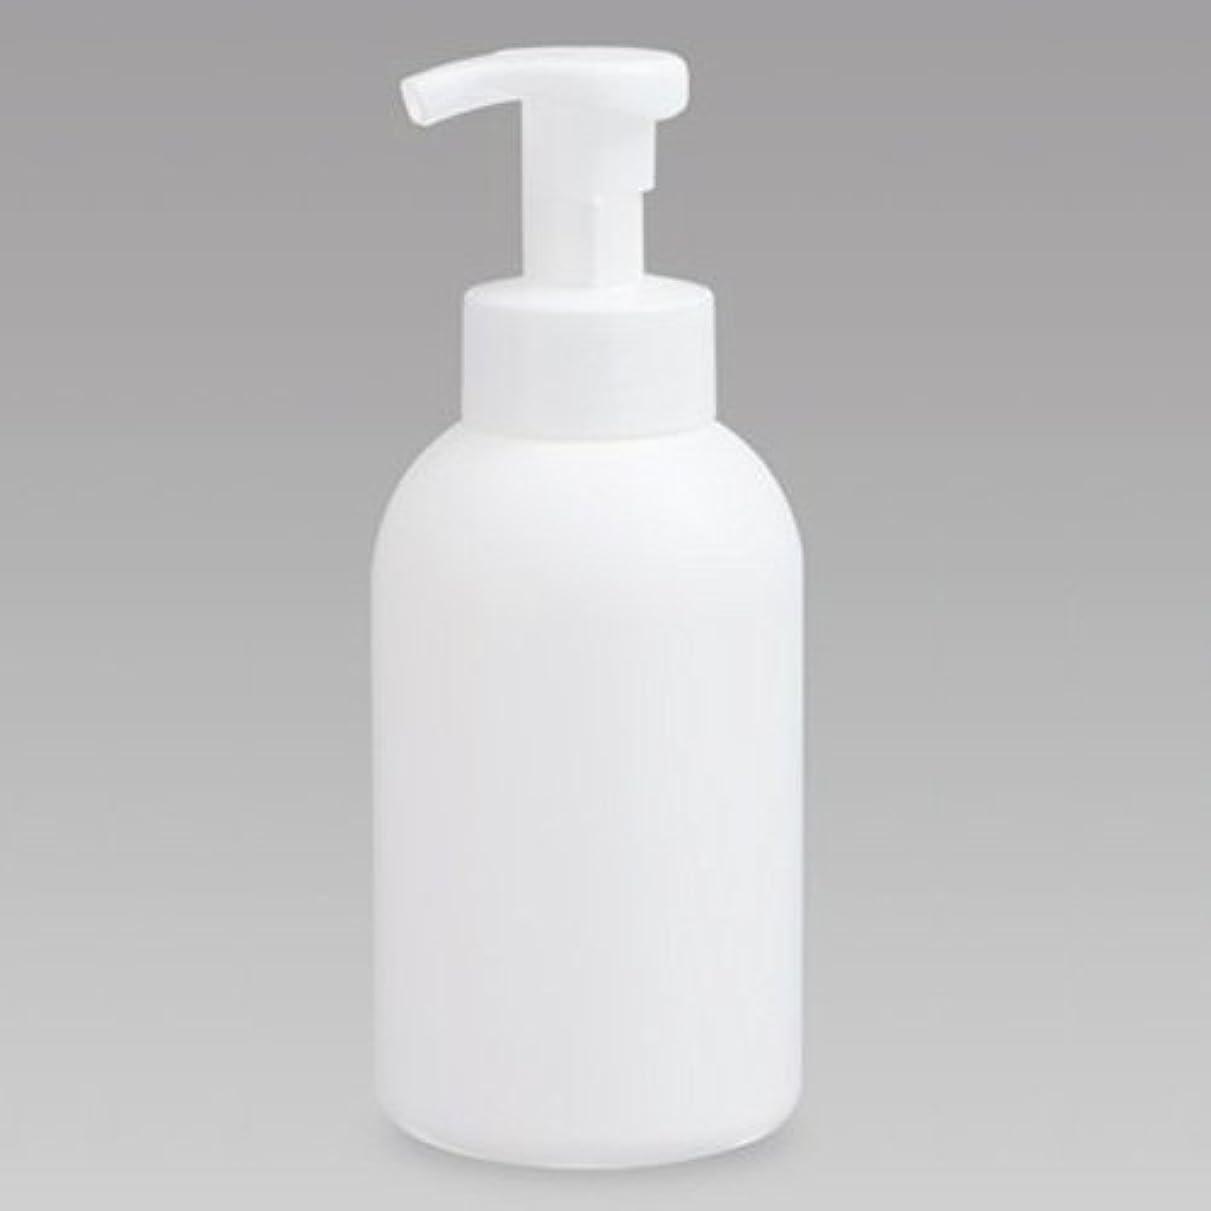 展示会ヘルパーリズミカルな泡ボトル 泡ポンプボトル 500mL(PE) ホワイト 詰め替え 詰替 泡ハンドソープ 全身石鹸 ボディソープ 洗顔フォーム